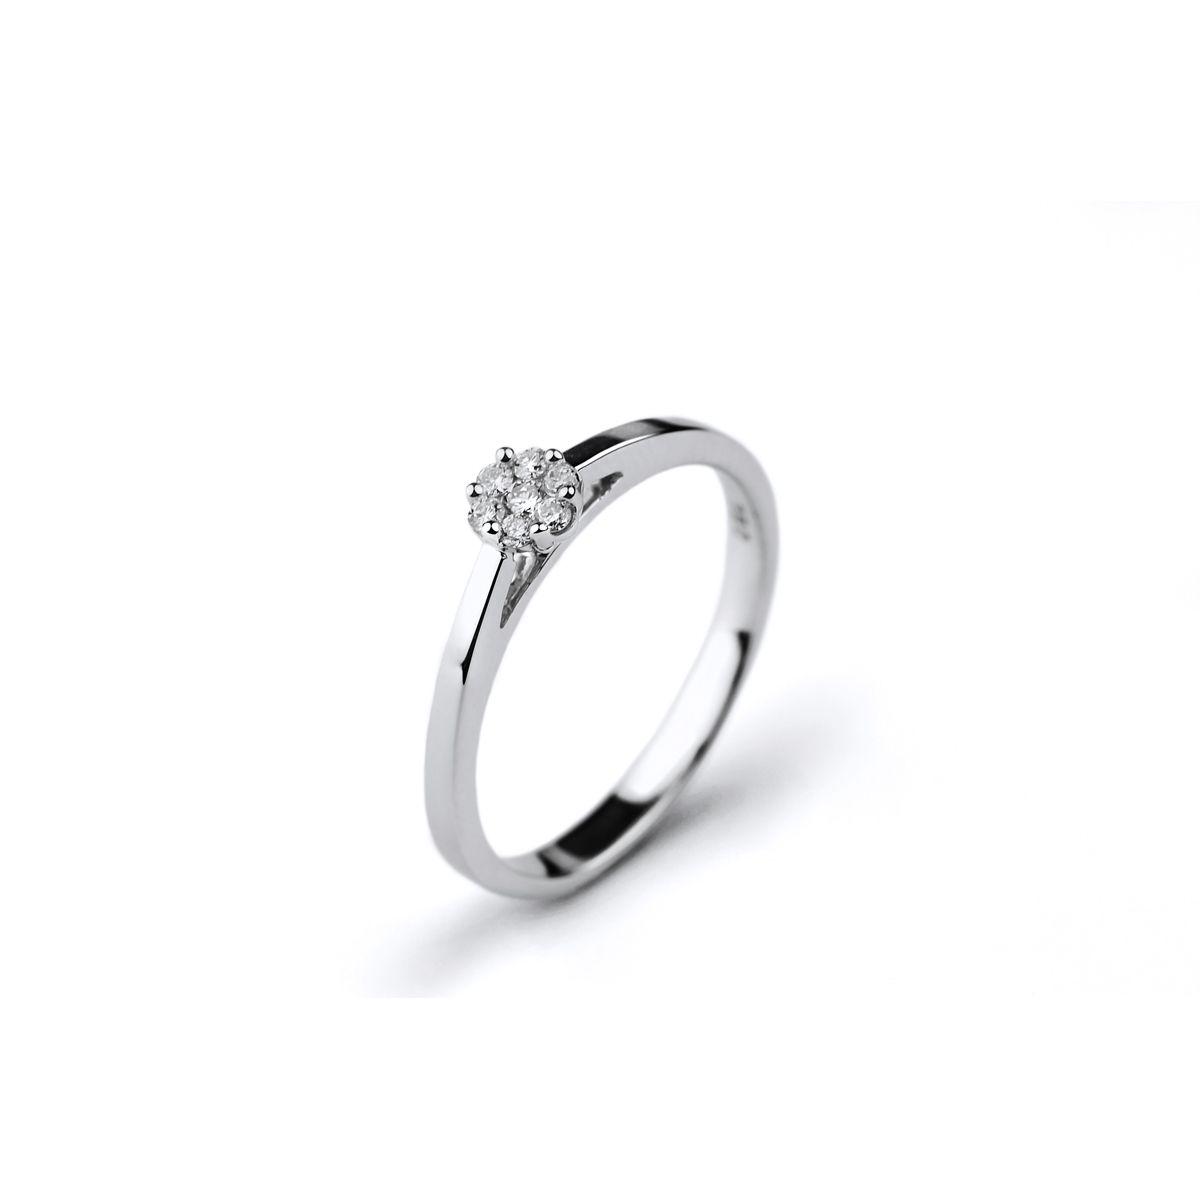 Solitaire en or blanc et diamants de 0.10ct vue 1